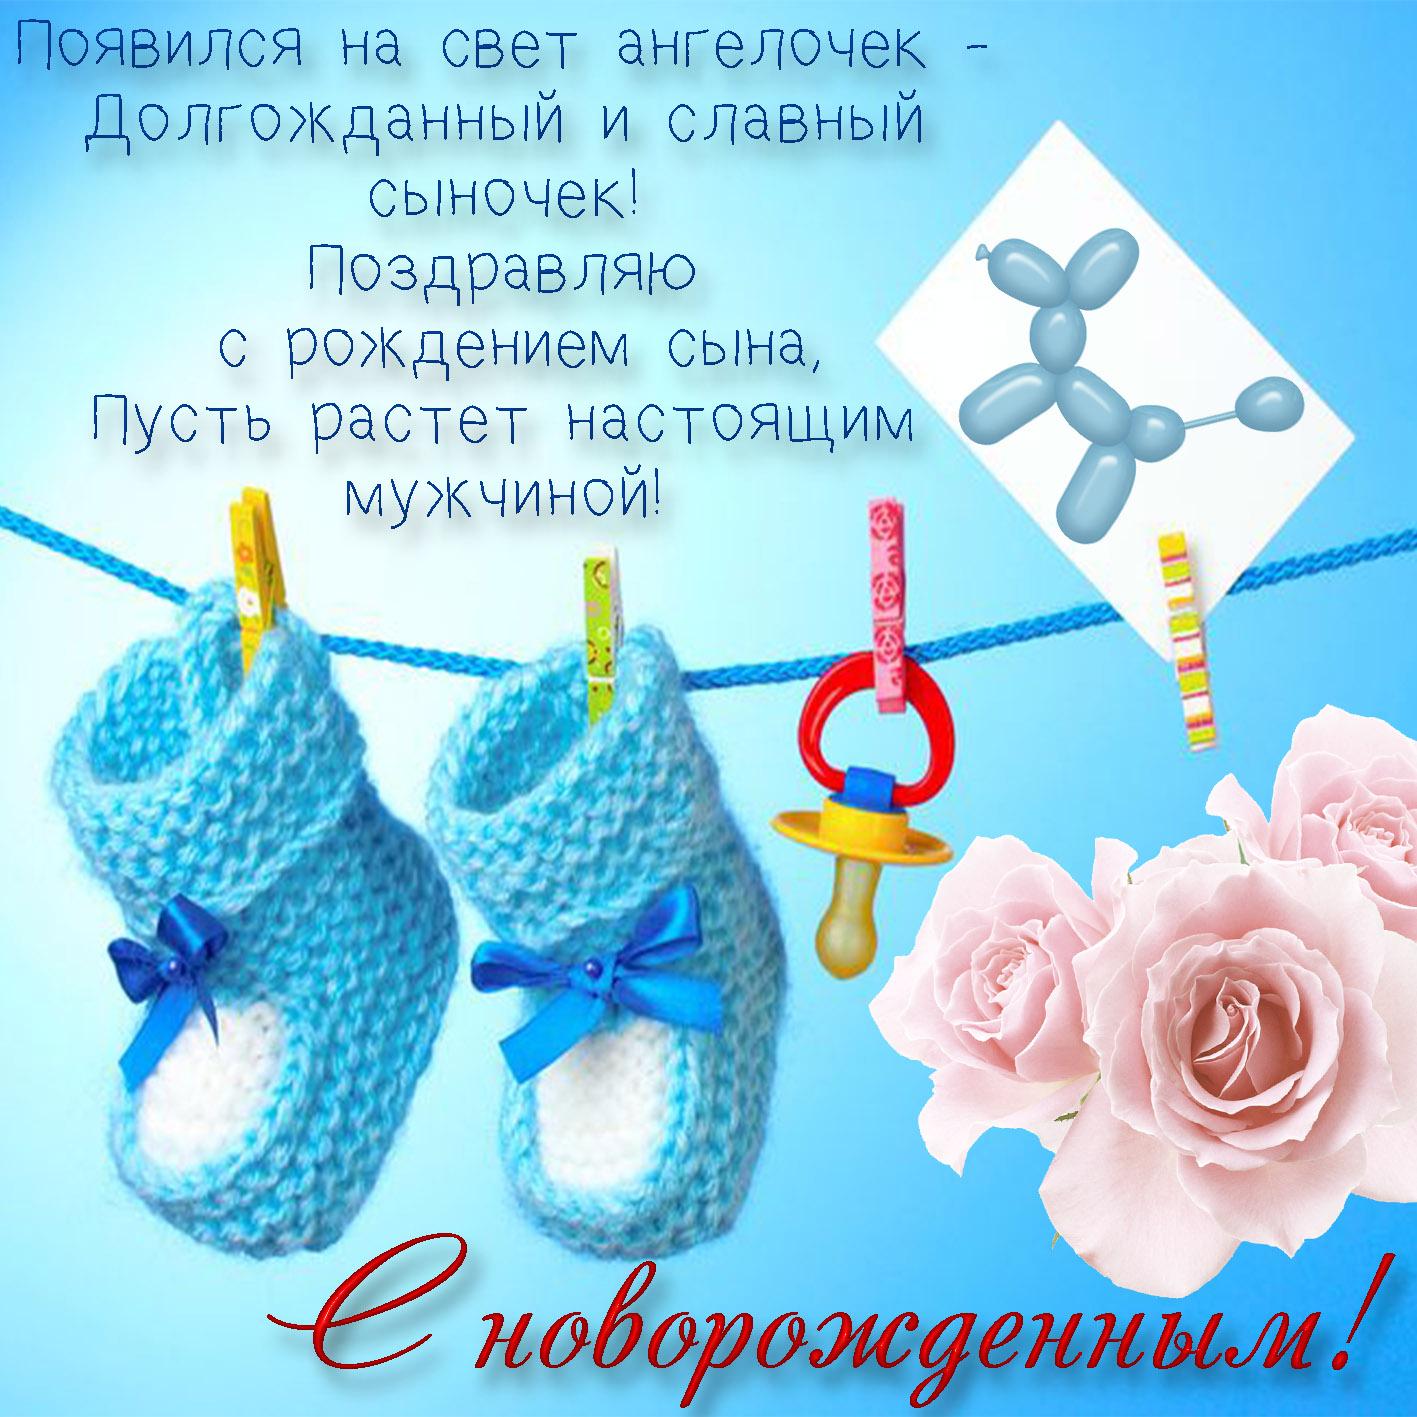 Открытки для одноклассников с рождения сына